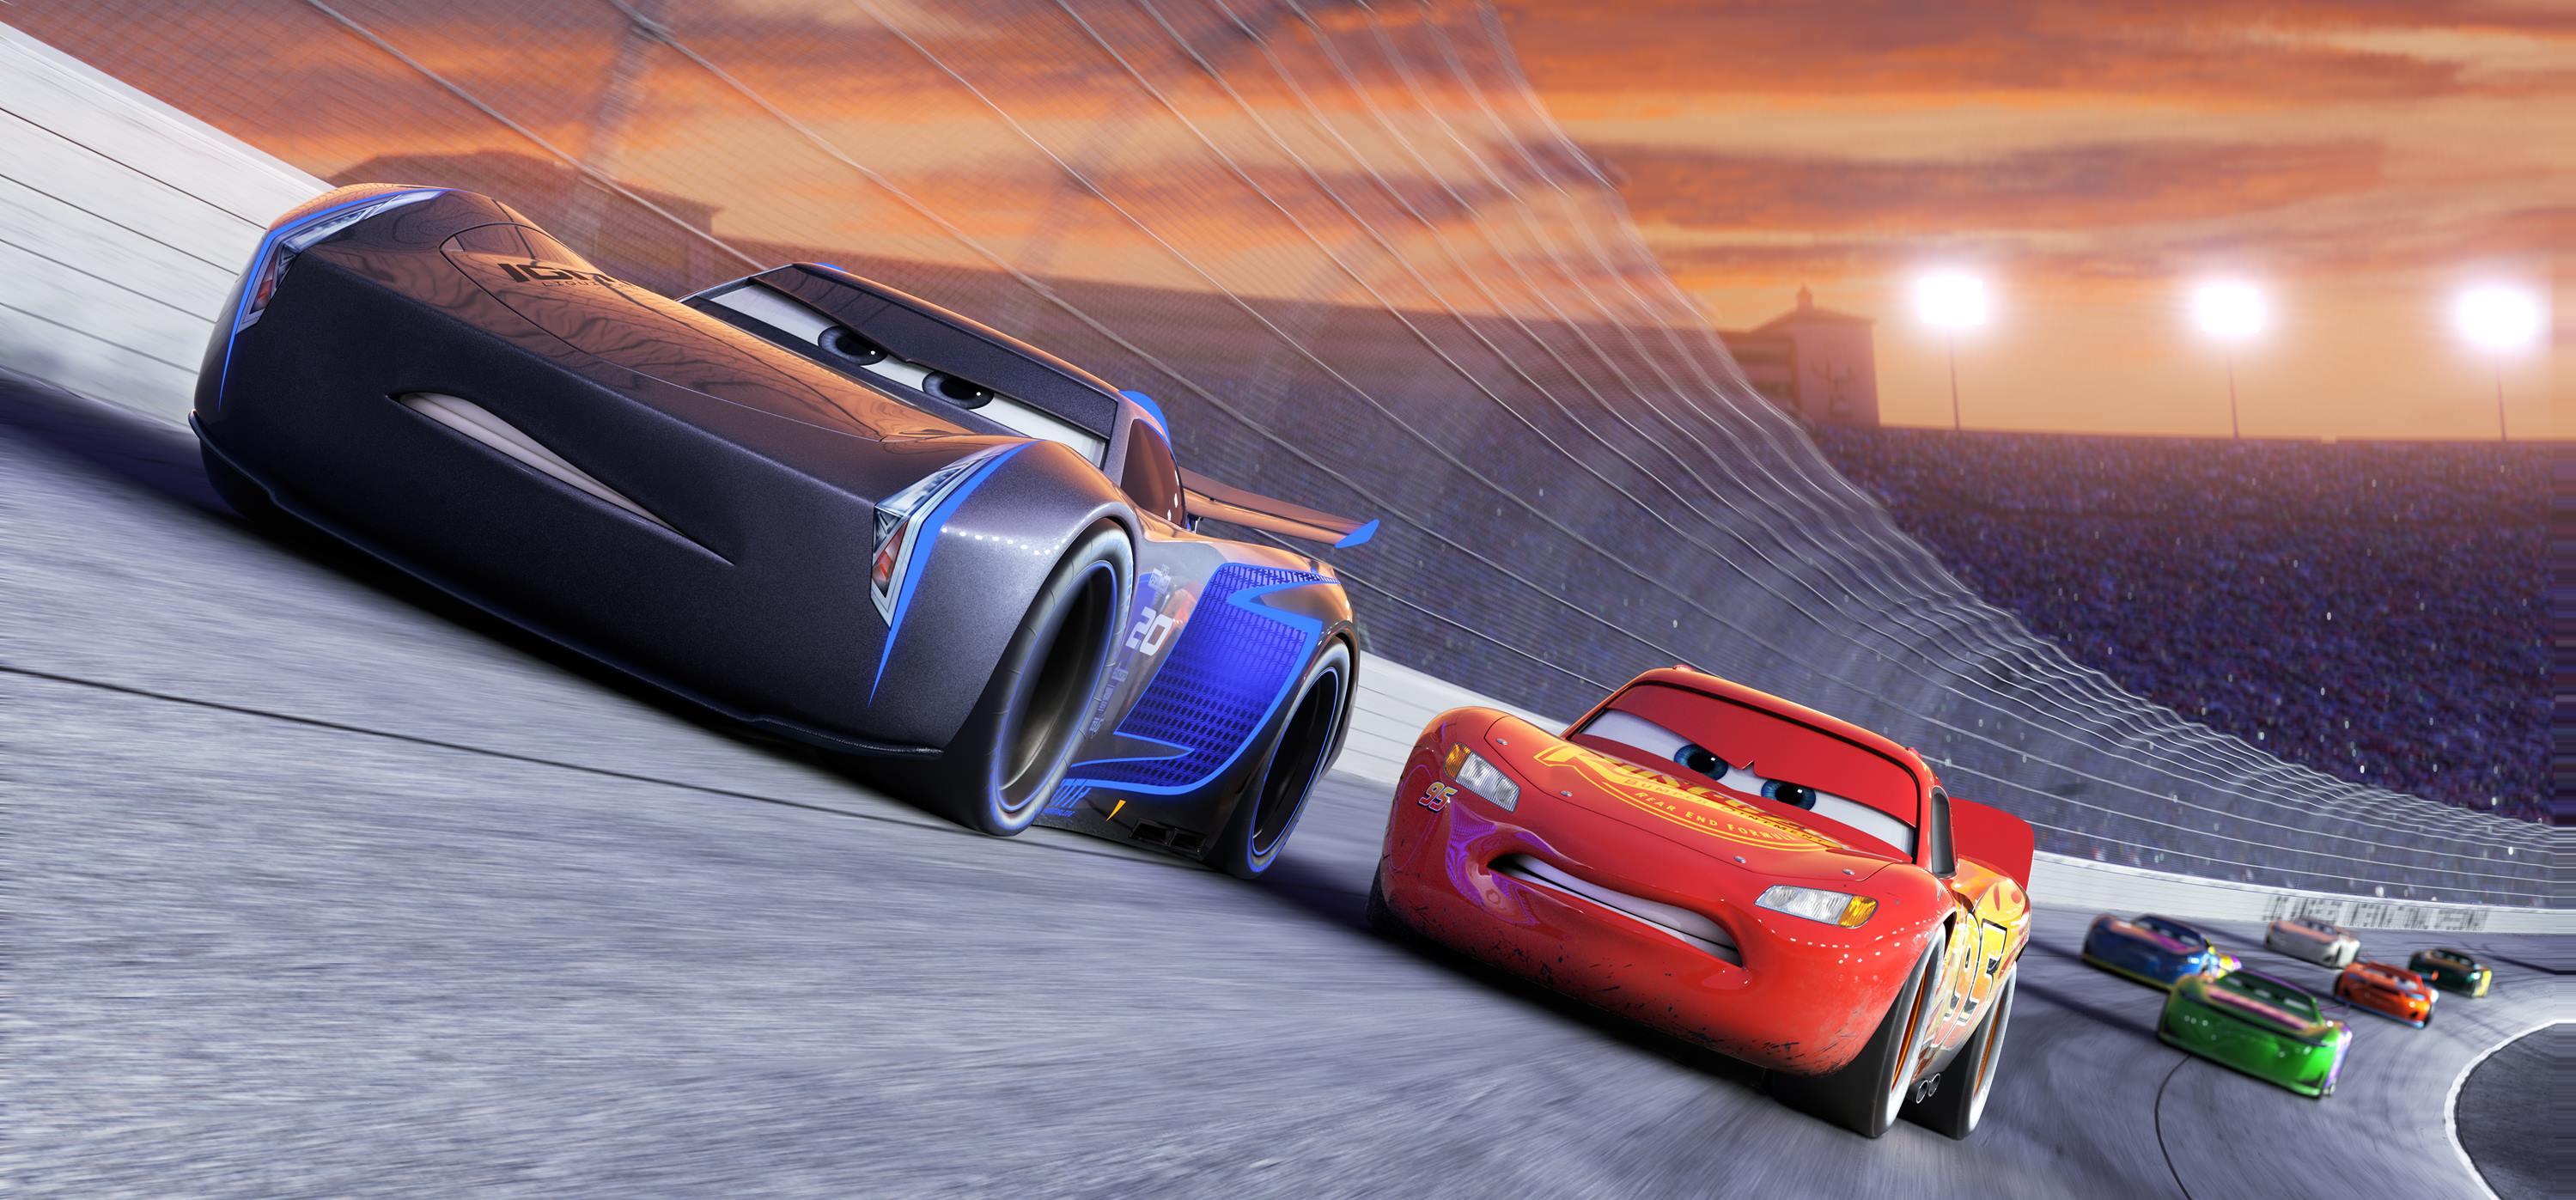 Опубликован первый полноценный трейлер мультфильма «Тачки 3» / Cars 3